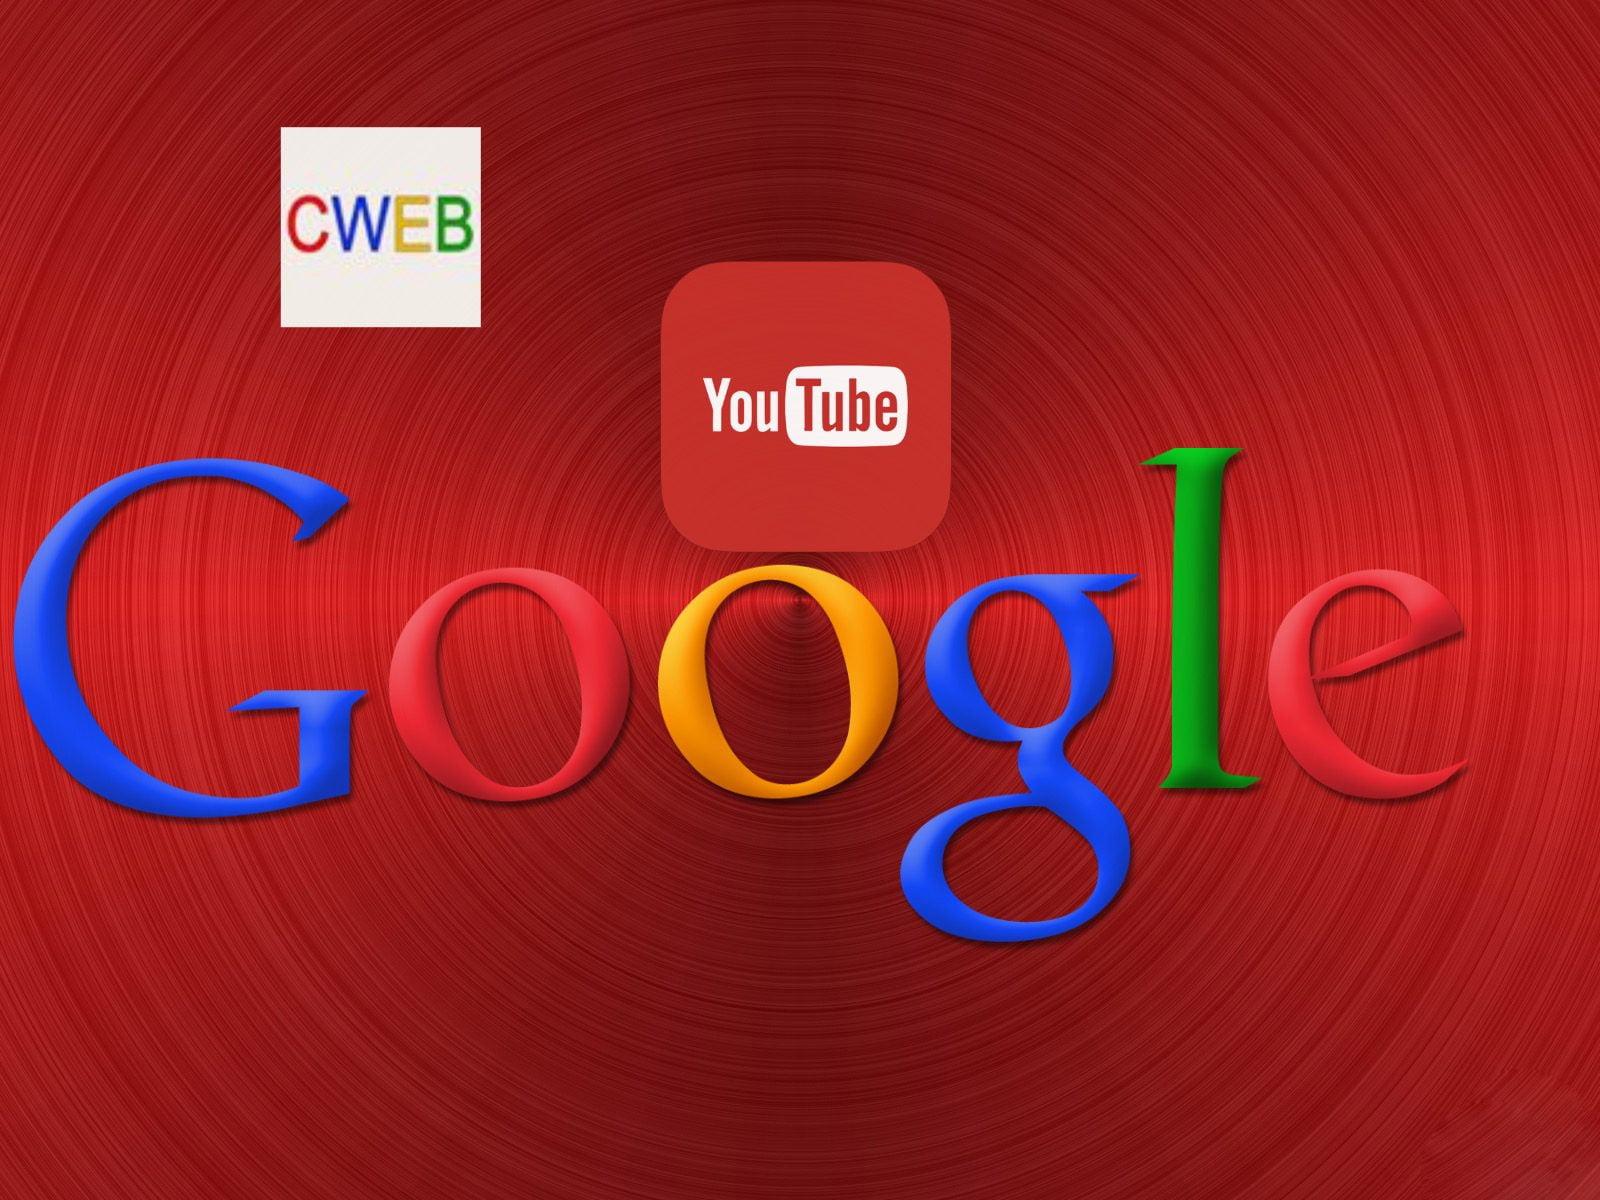 googlem